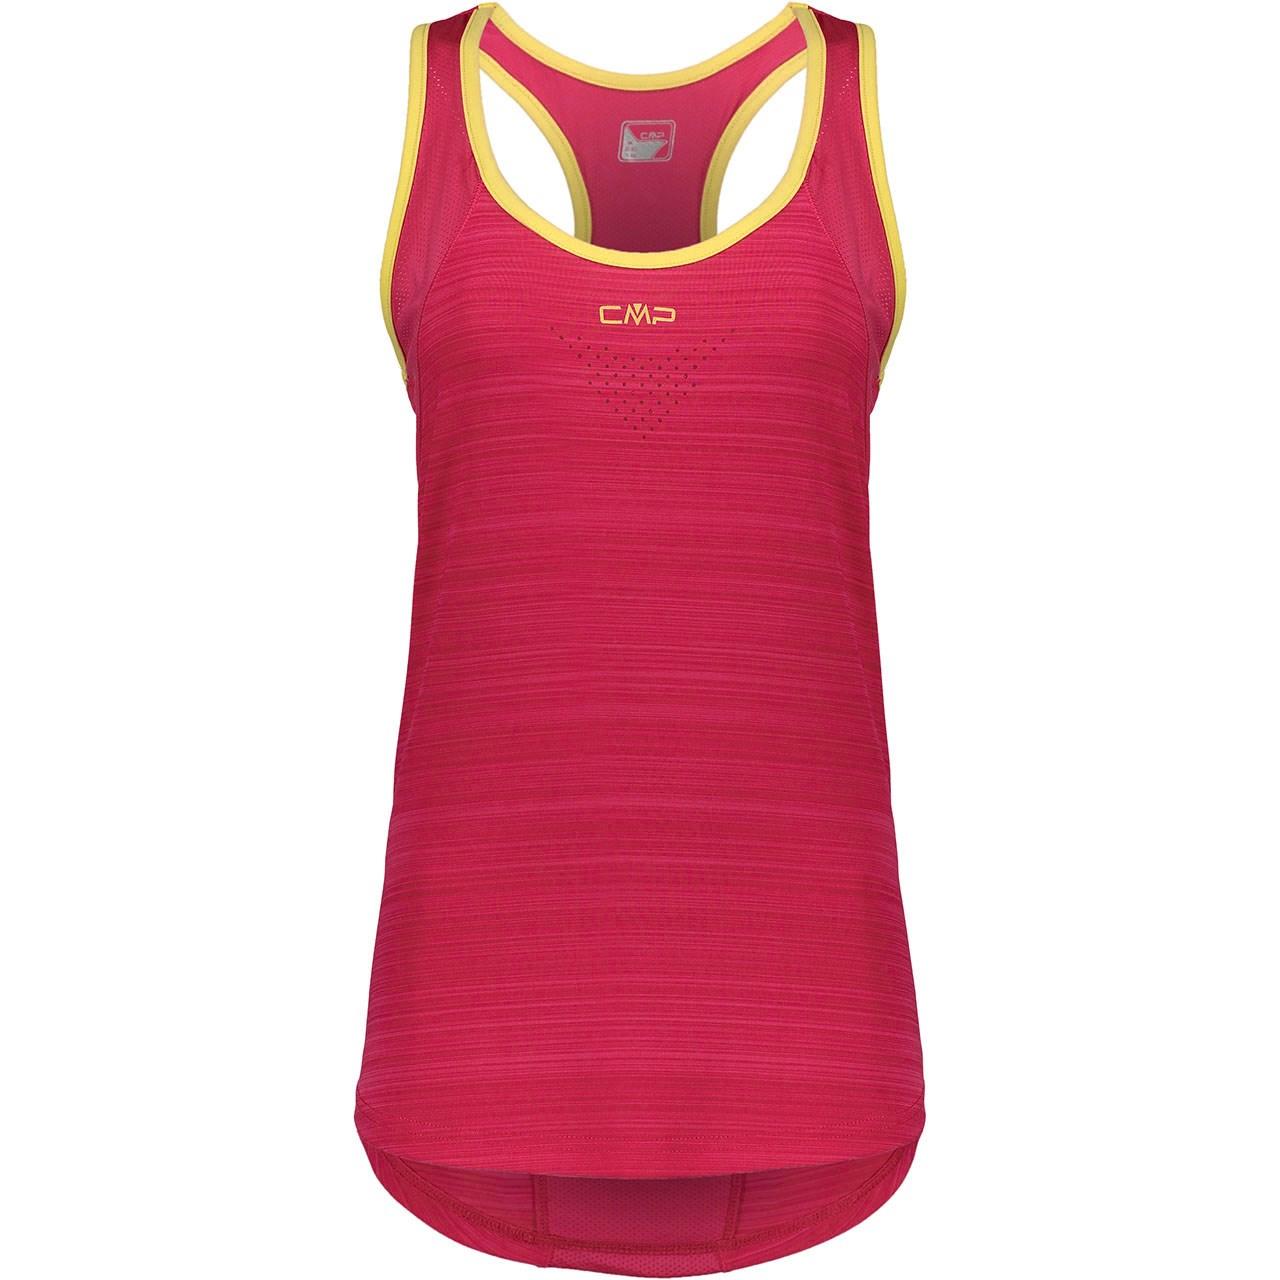 تاپ ورزشی زنانه سی ام پی مدل 3C91476-C771